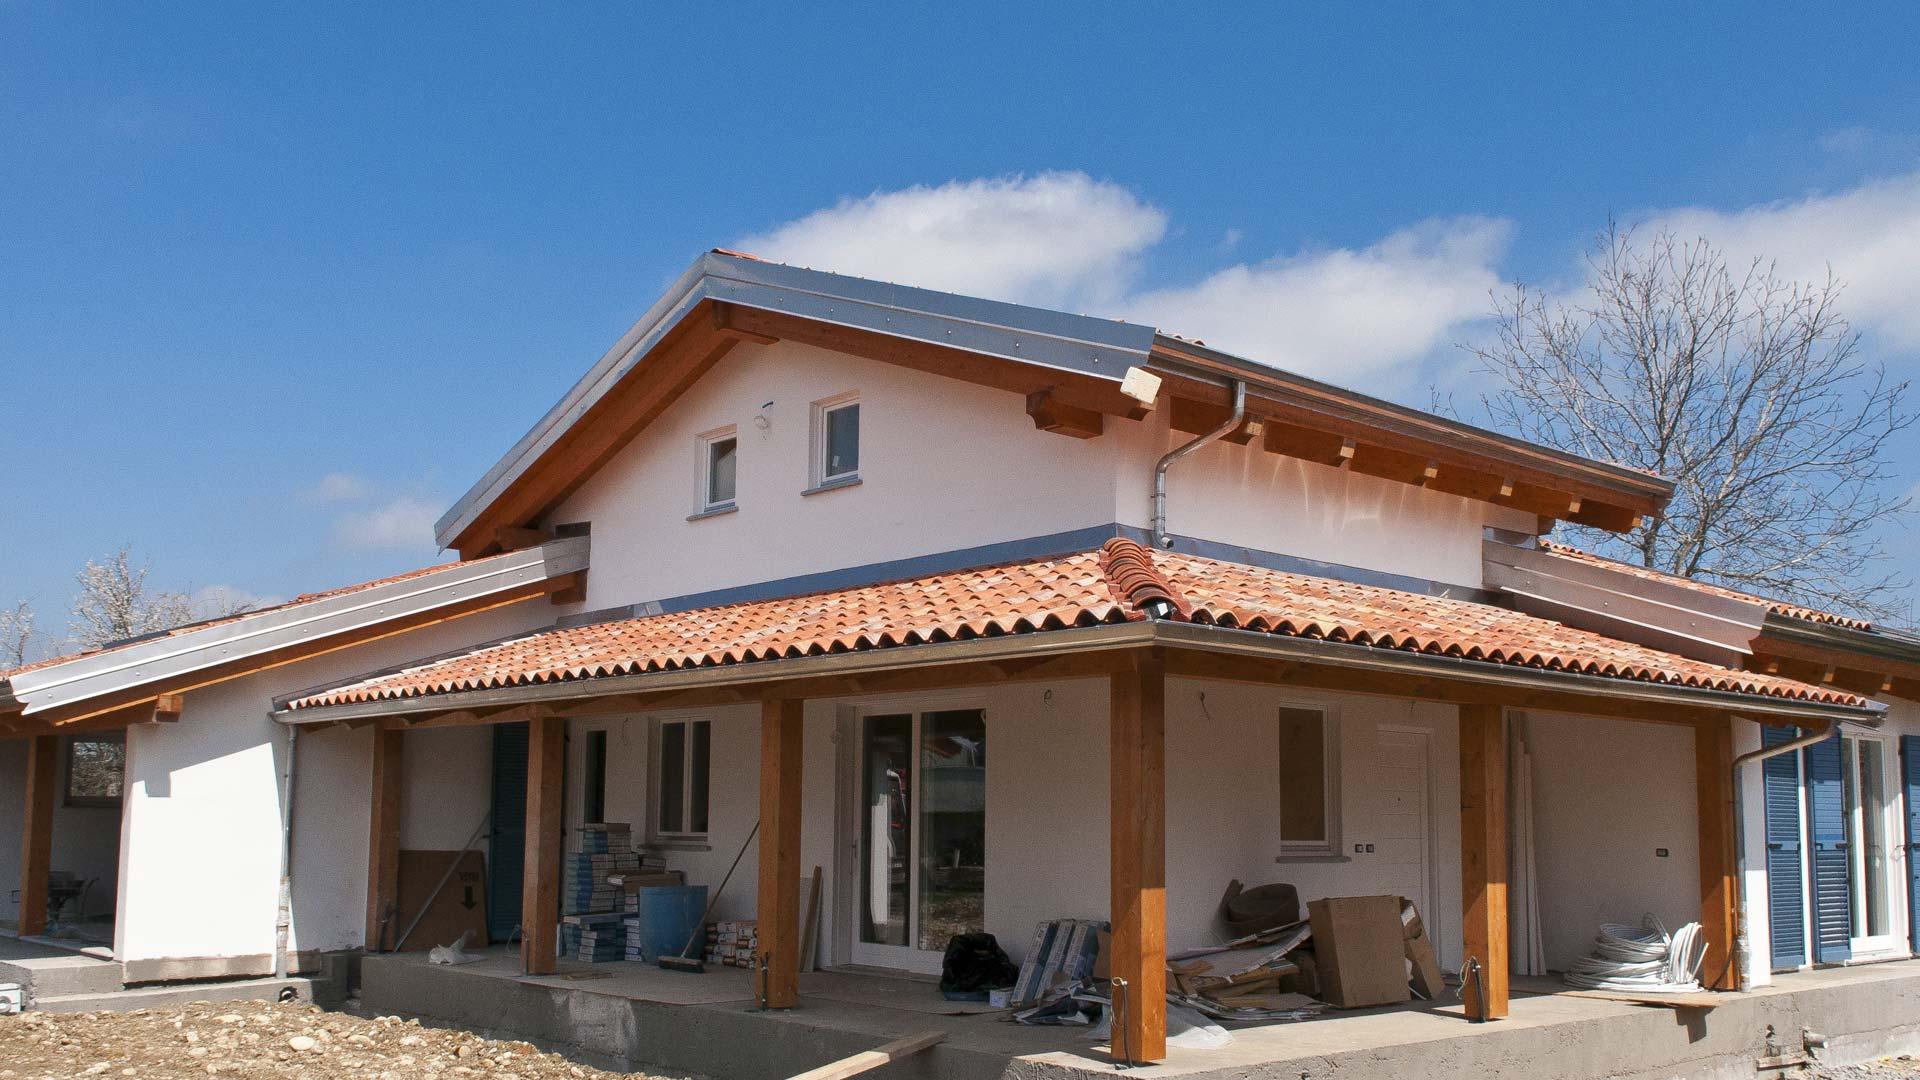 Beinette cuneo casa in legno bbs con autorimessa for Ville con portico in legno